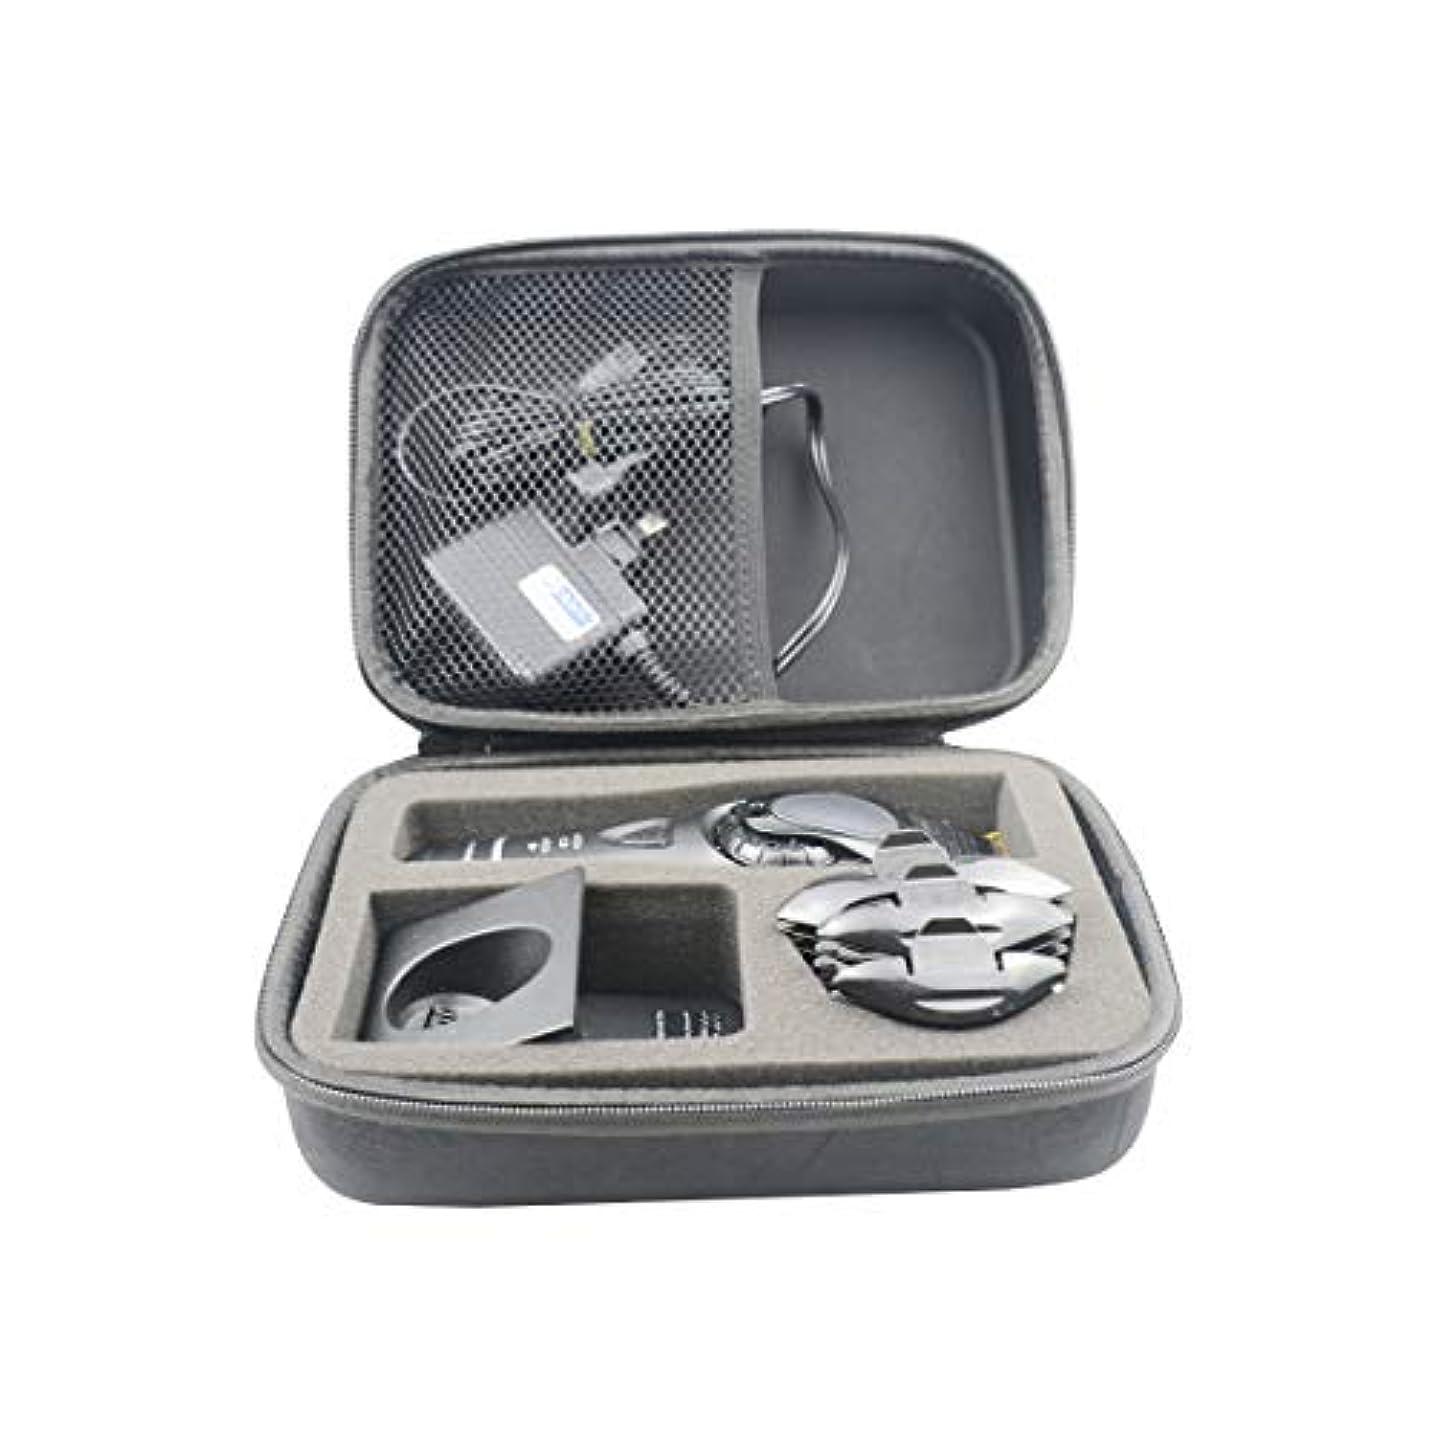 とんでもない農業の袋SANVSENパナソニックER-GP80 Kプロフェッショナルヘアクリッパーハードスーツケース